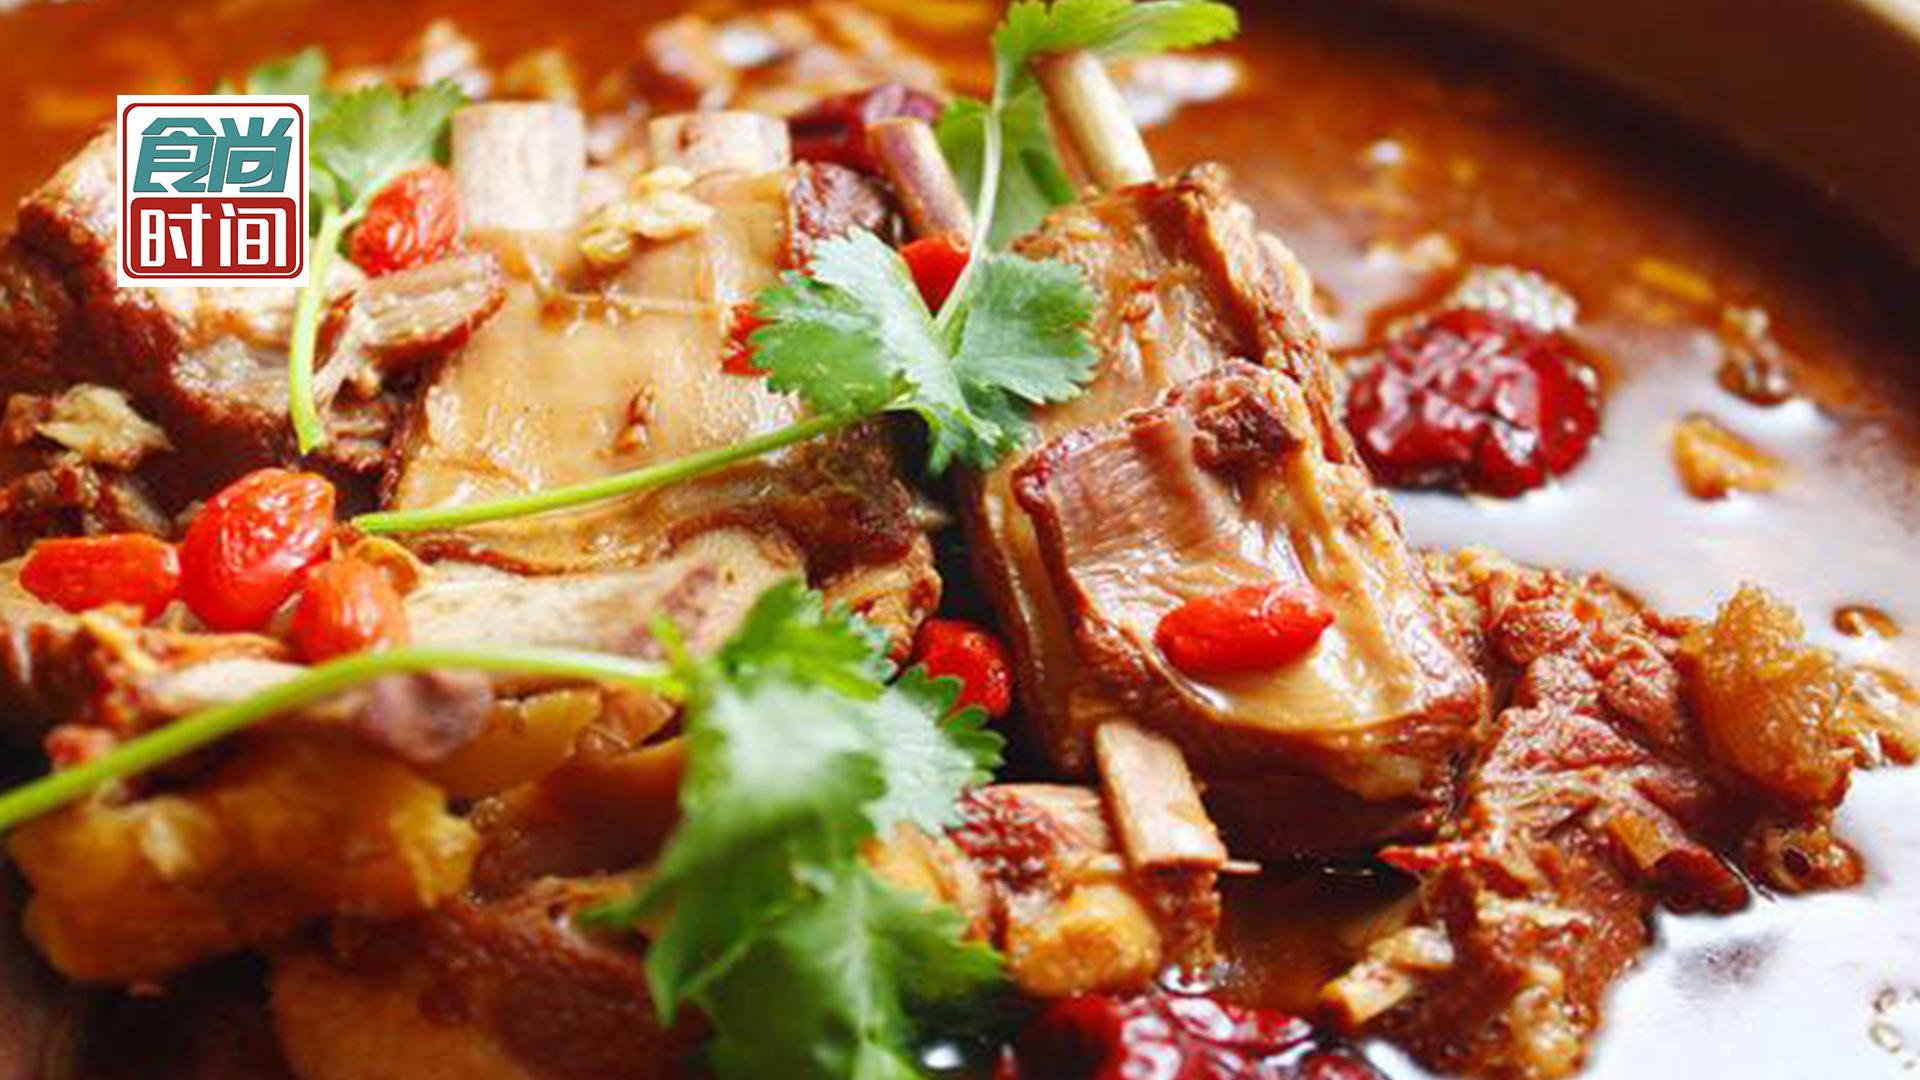 舌尖上的春节 假期怎么吃:除夕夜红焖羊排满足你的胃口